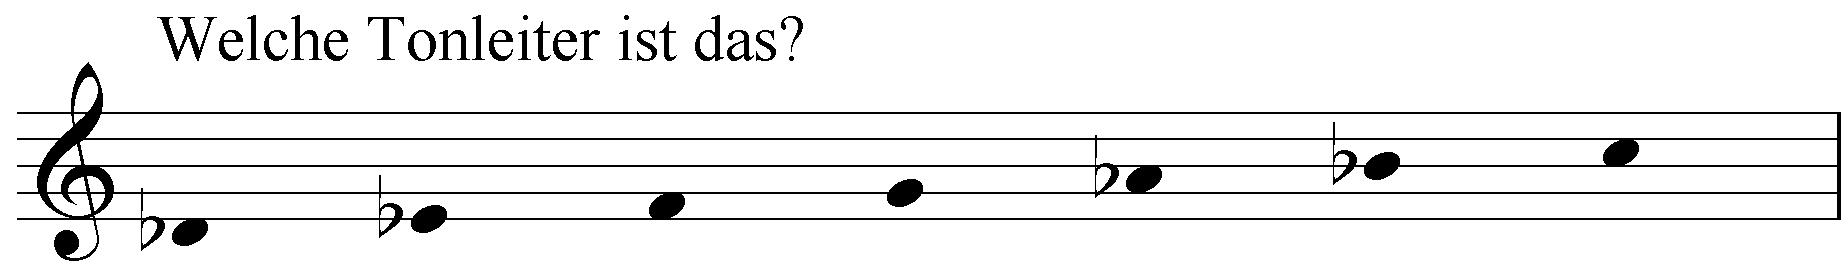 Welche Tonleiter ist das: des es f g as b c?